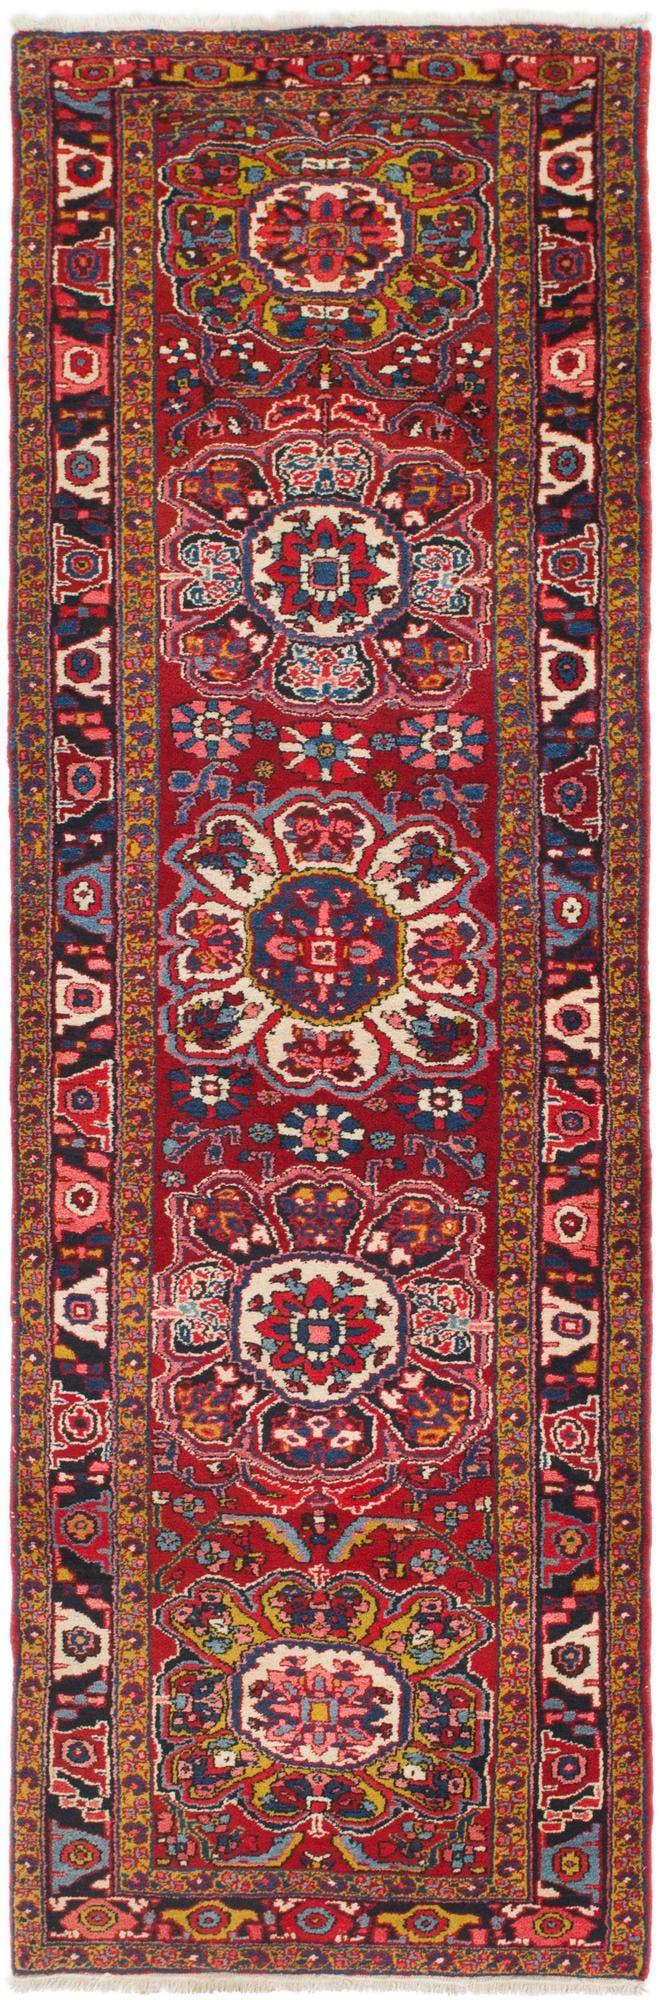 3' 7 x 12' 4 Heriz Persian Runner Rug main image